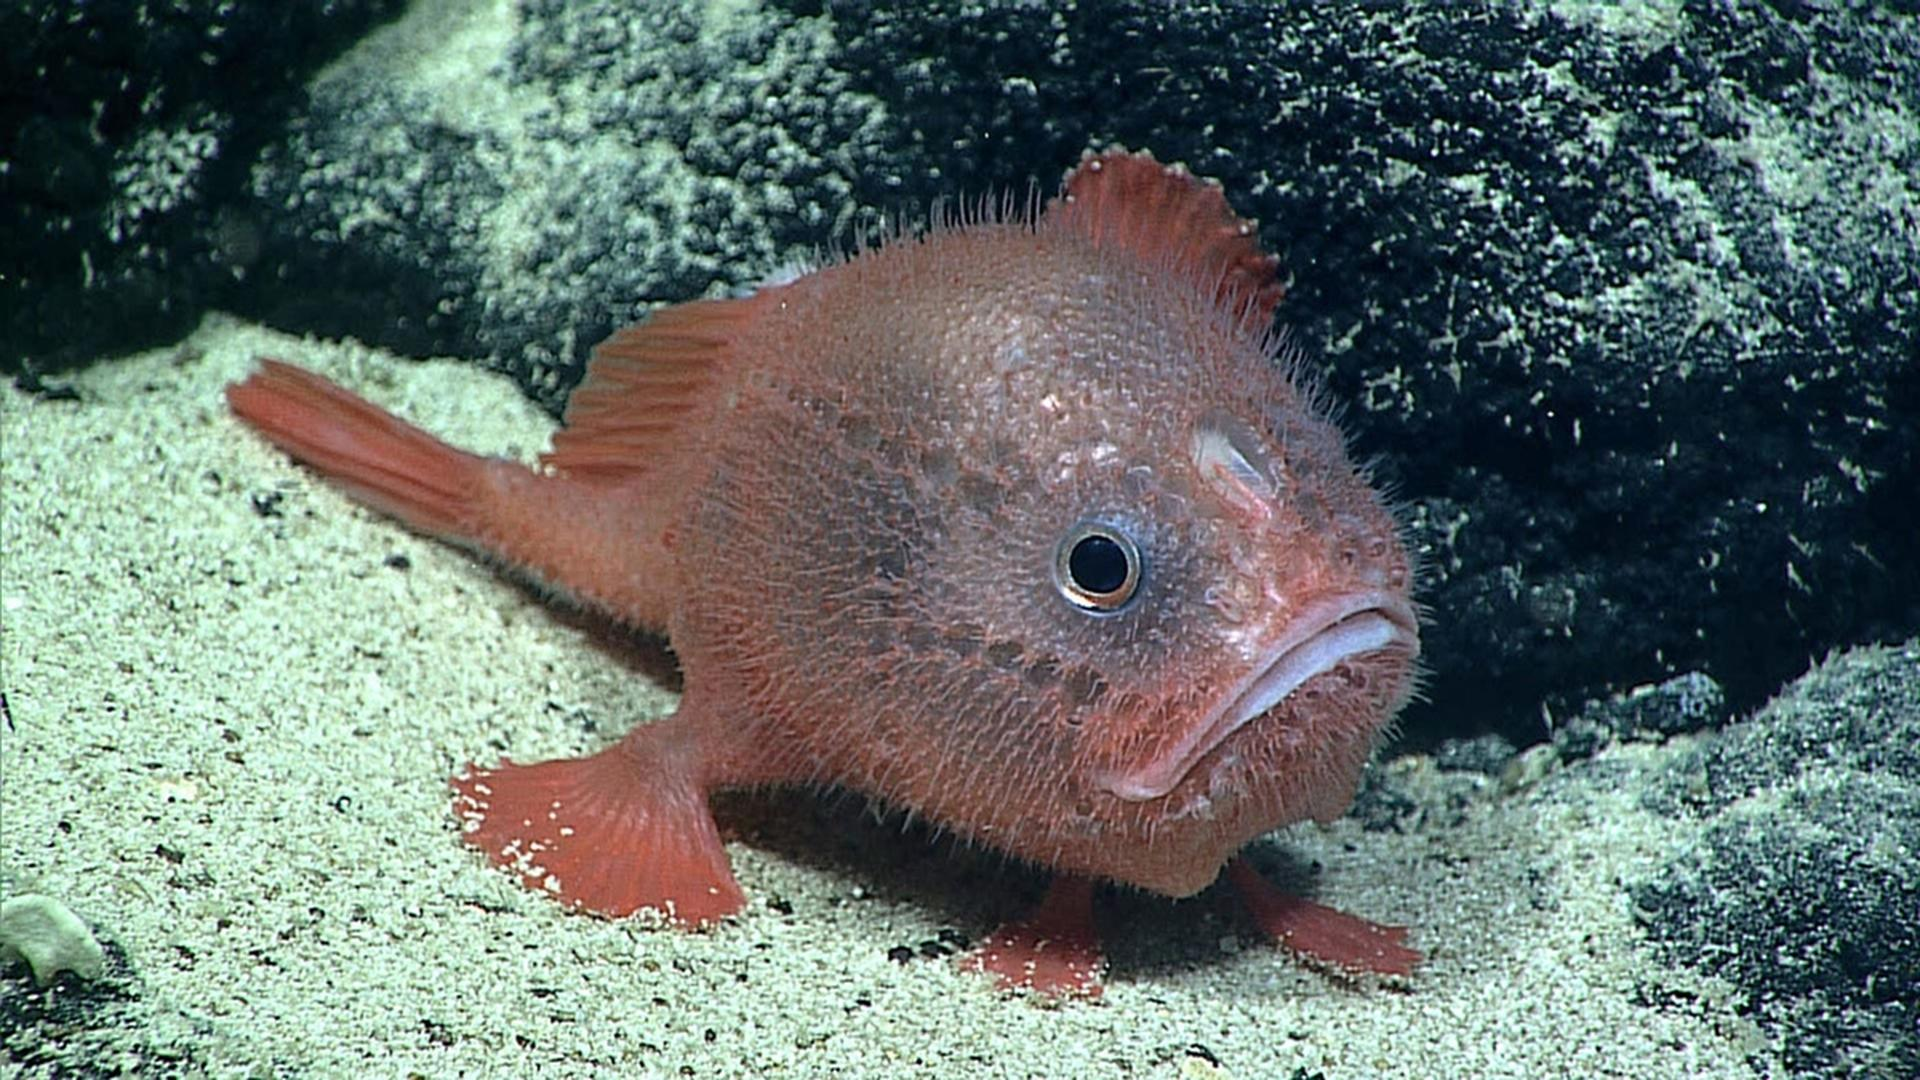 Учёные впервые зафиксировали, как рыба задерживает дыхание под водой